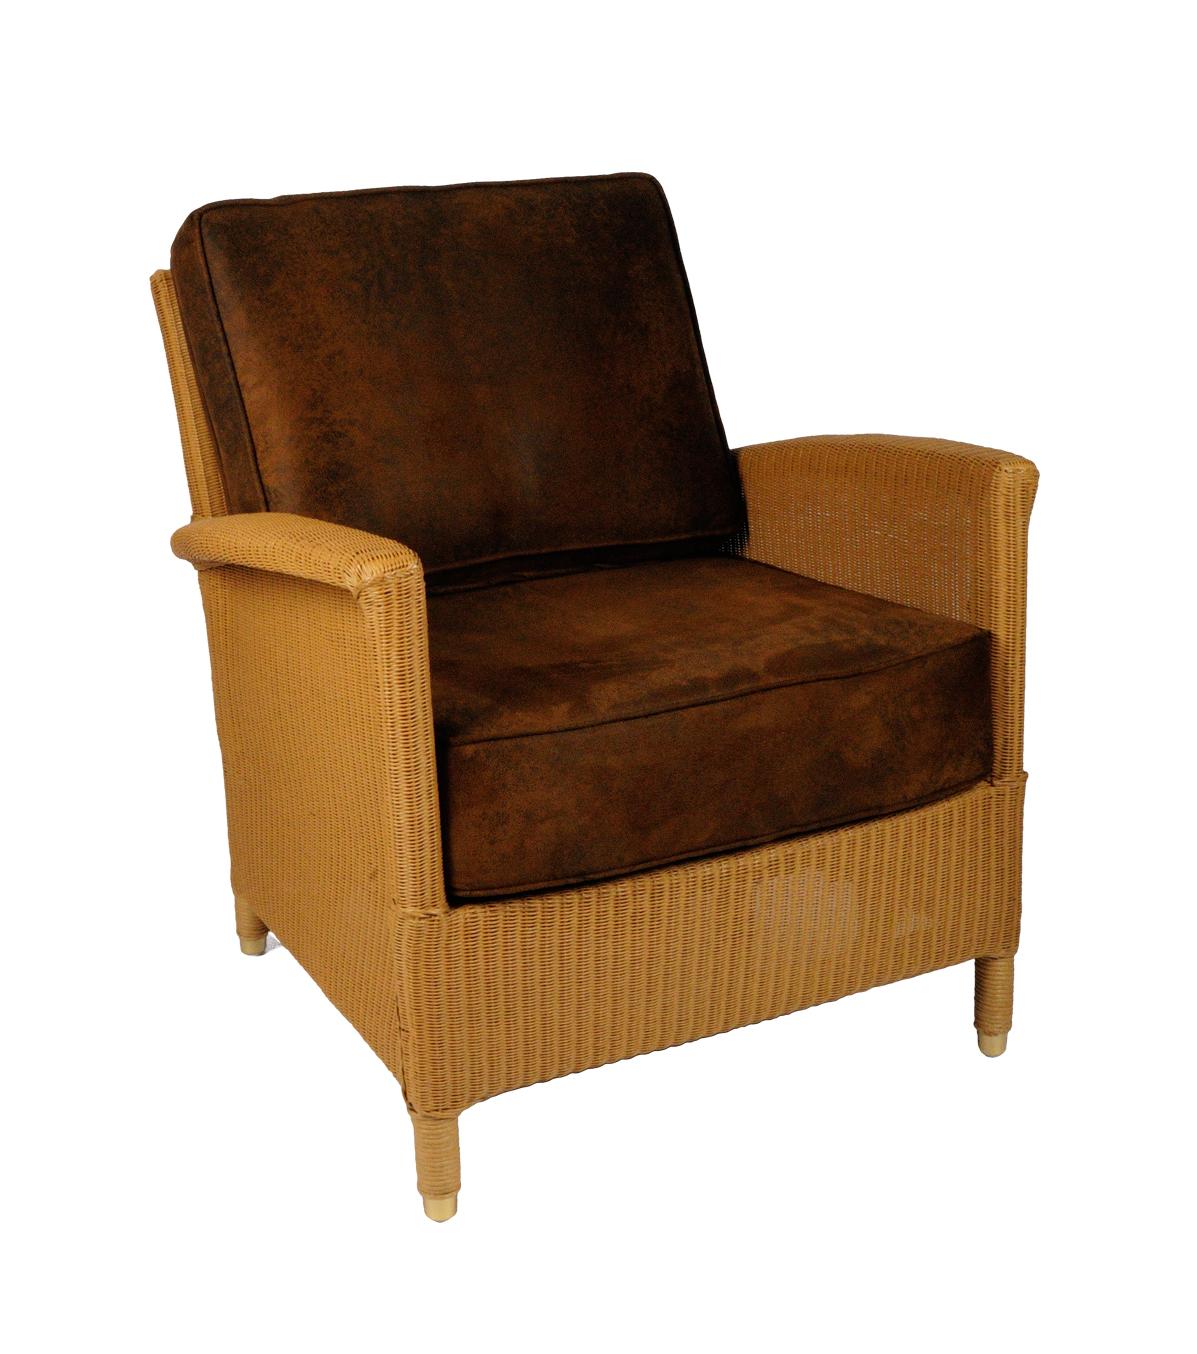 Lloyd loom fauteuil Triësta Naturel